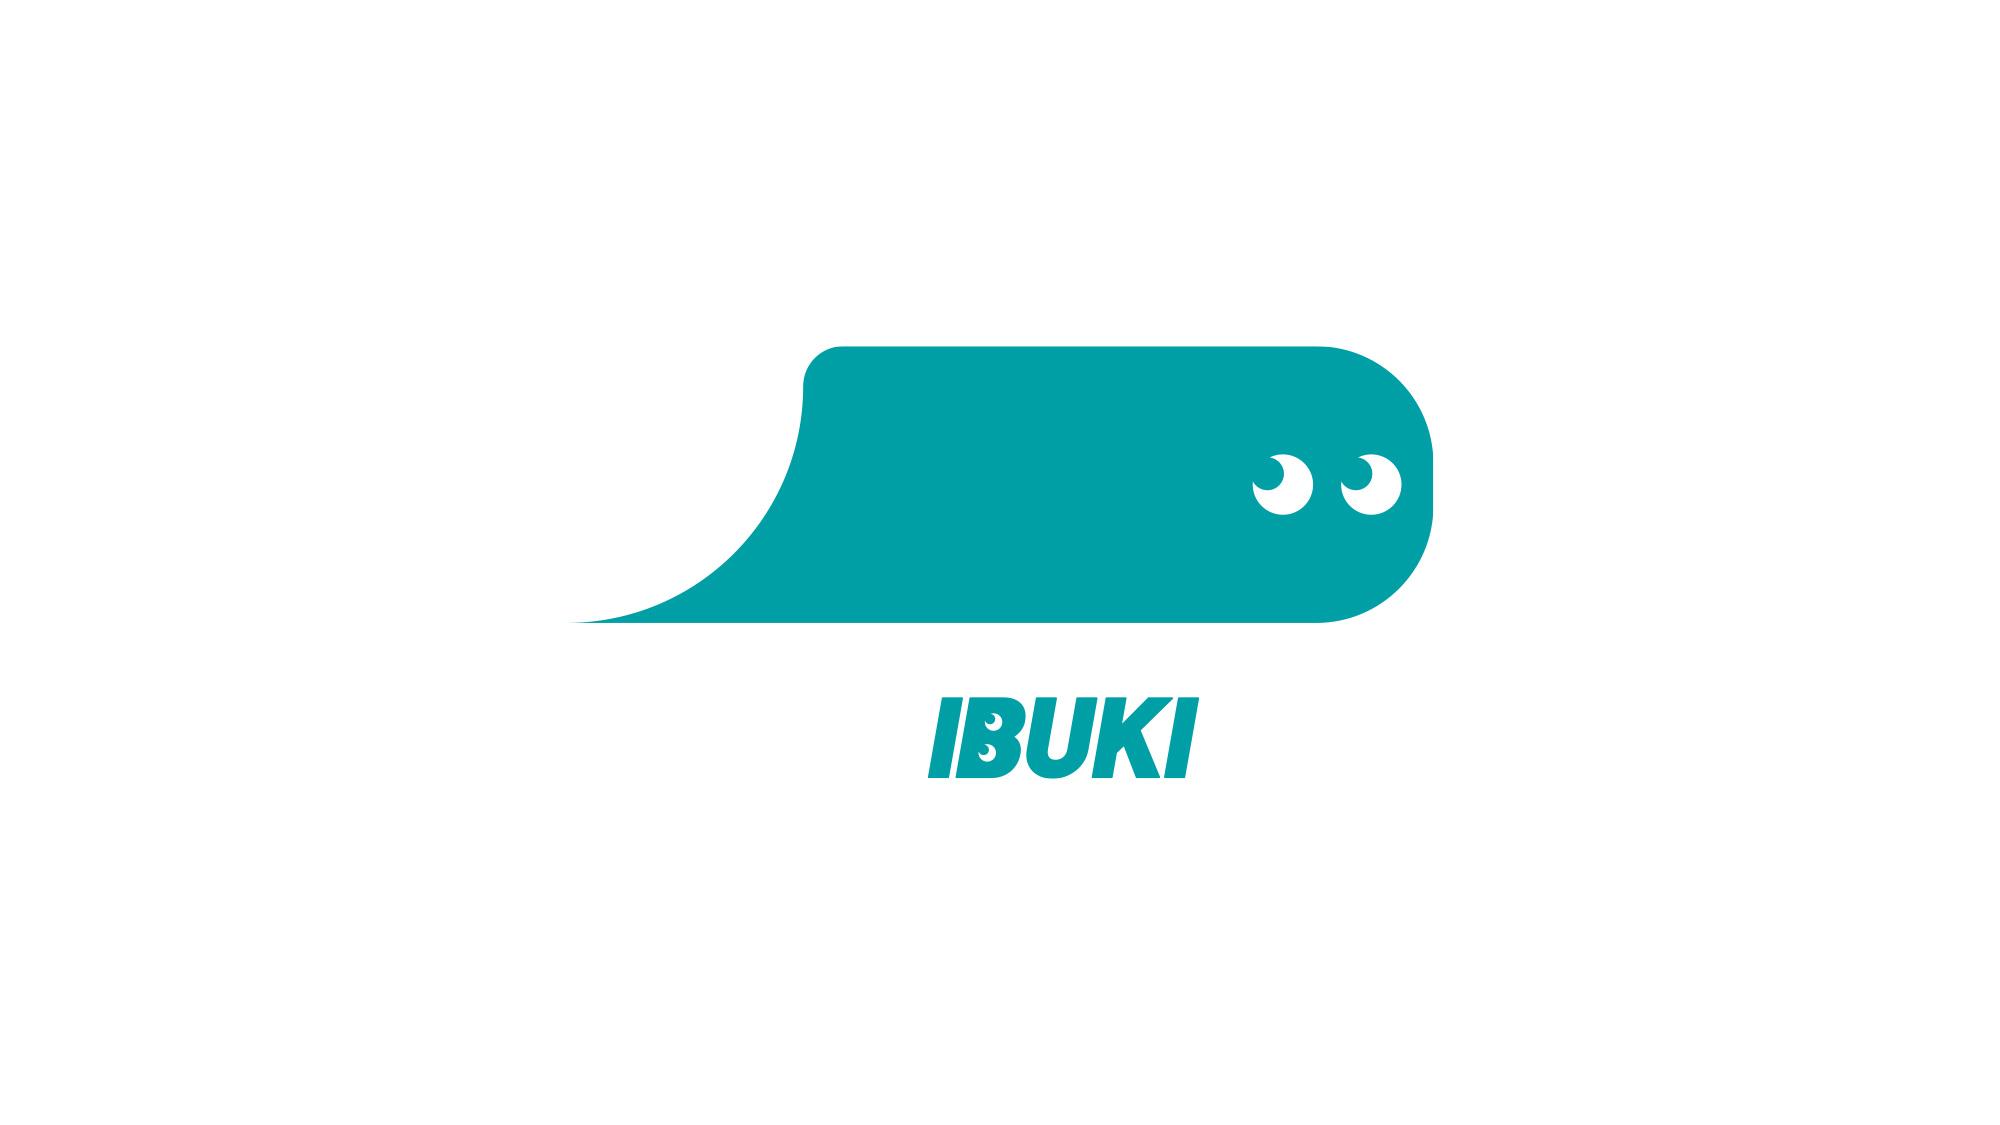 ibuki_001